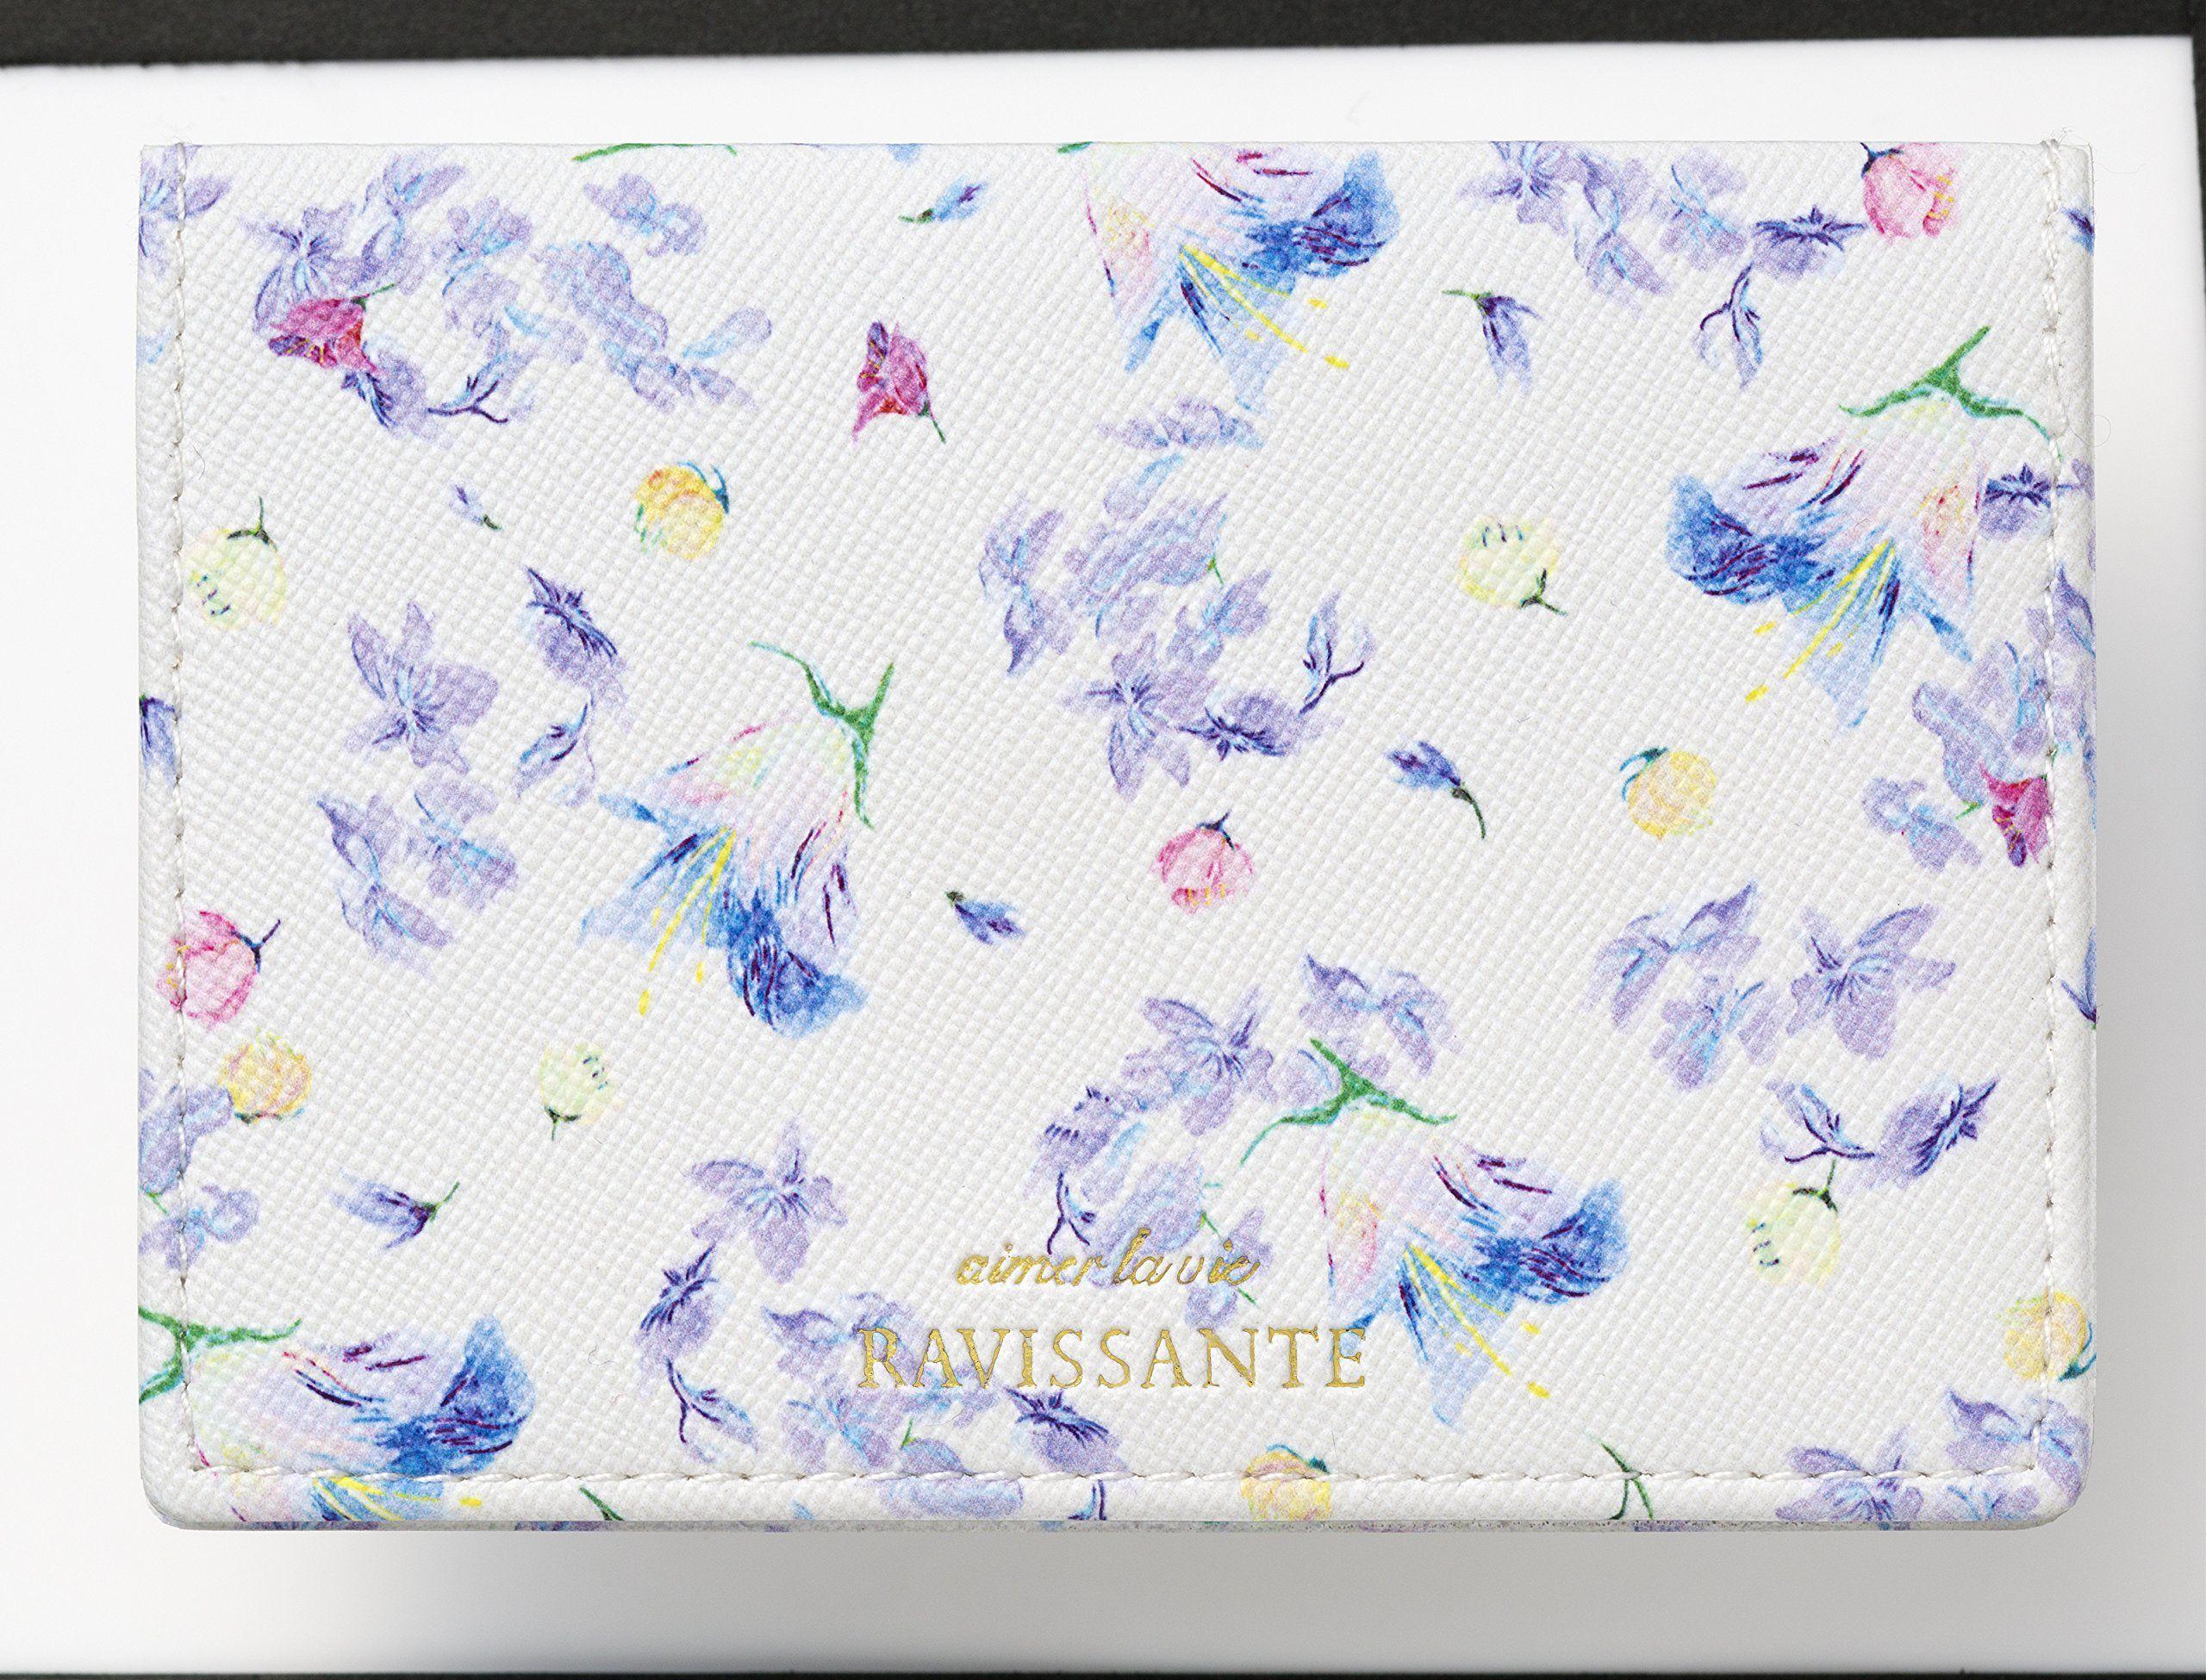 af80c9894691c9 2018年05月の記事一覧   Glitter Butterfly - 楽天ブログ